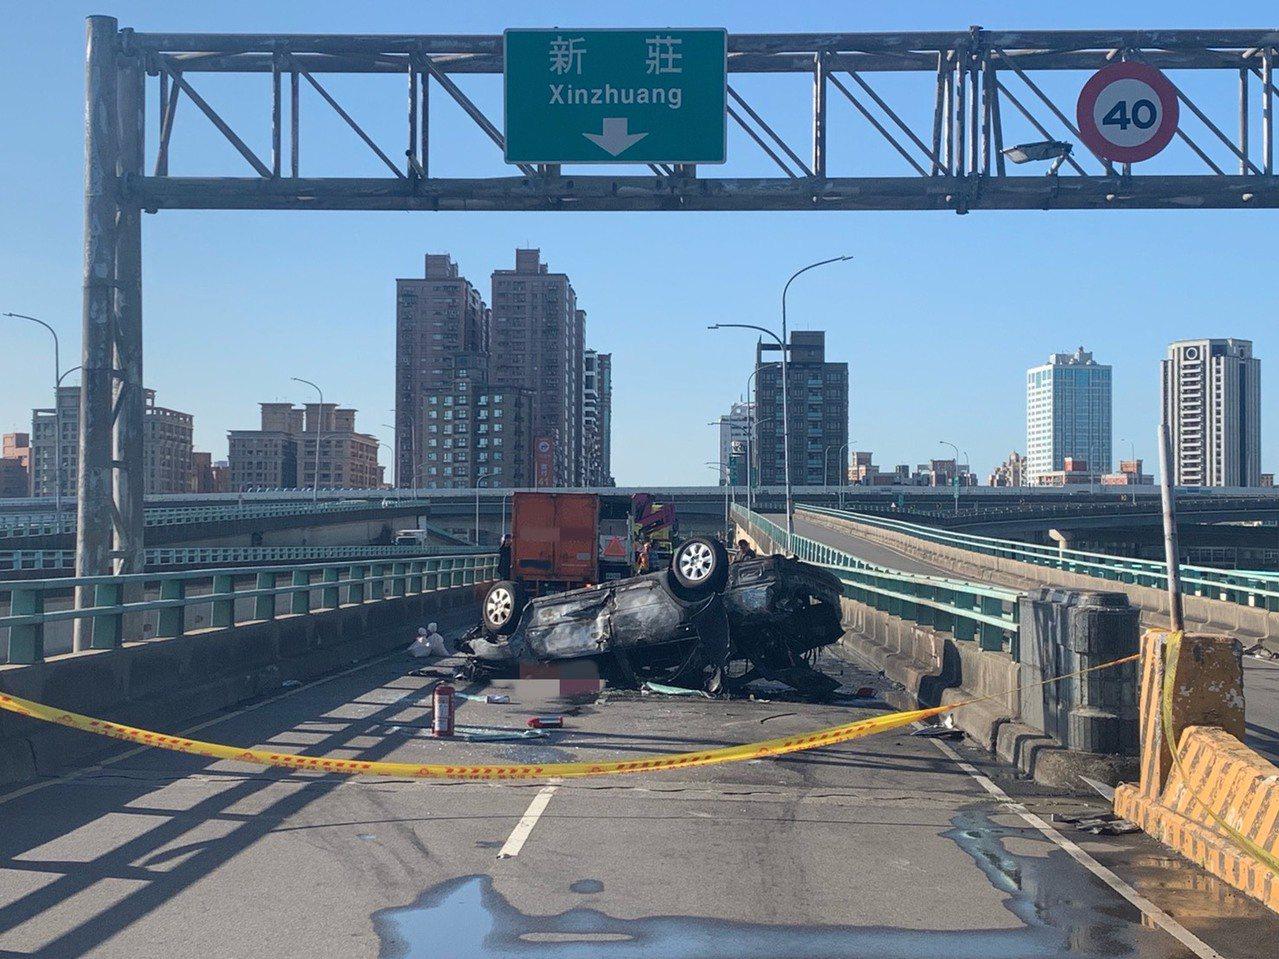 來往雙北地區的中興橋發生嚴重交通事故,2輛小客車生擦撞,1車當場翻覆、爆炸起火,...